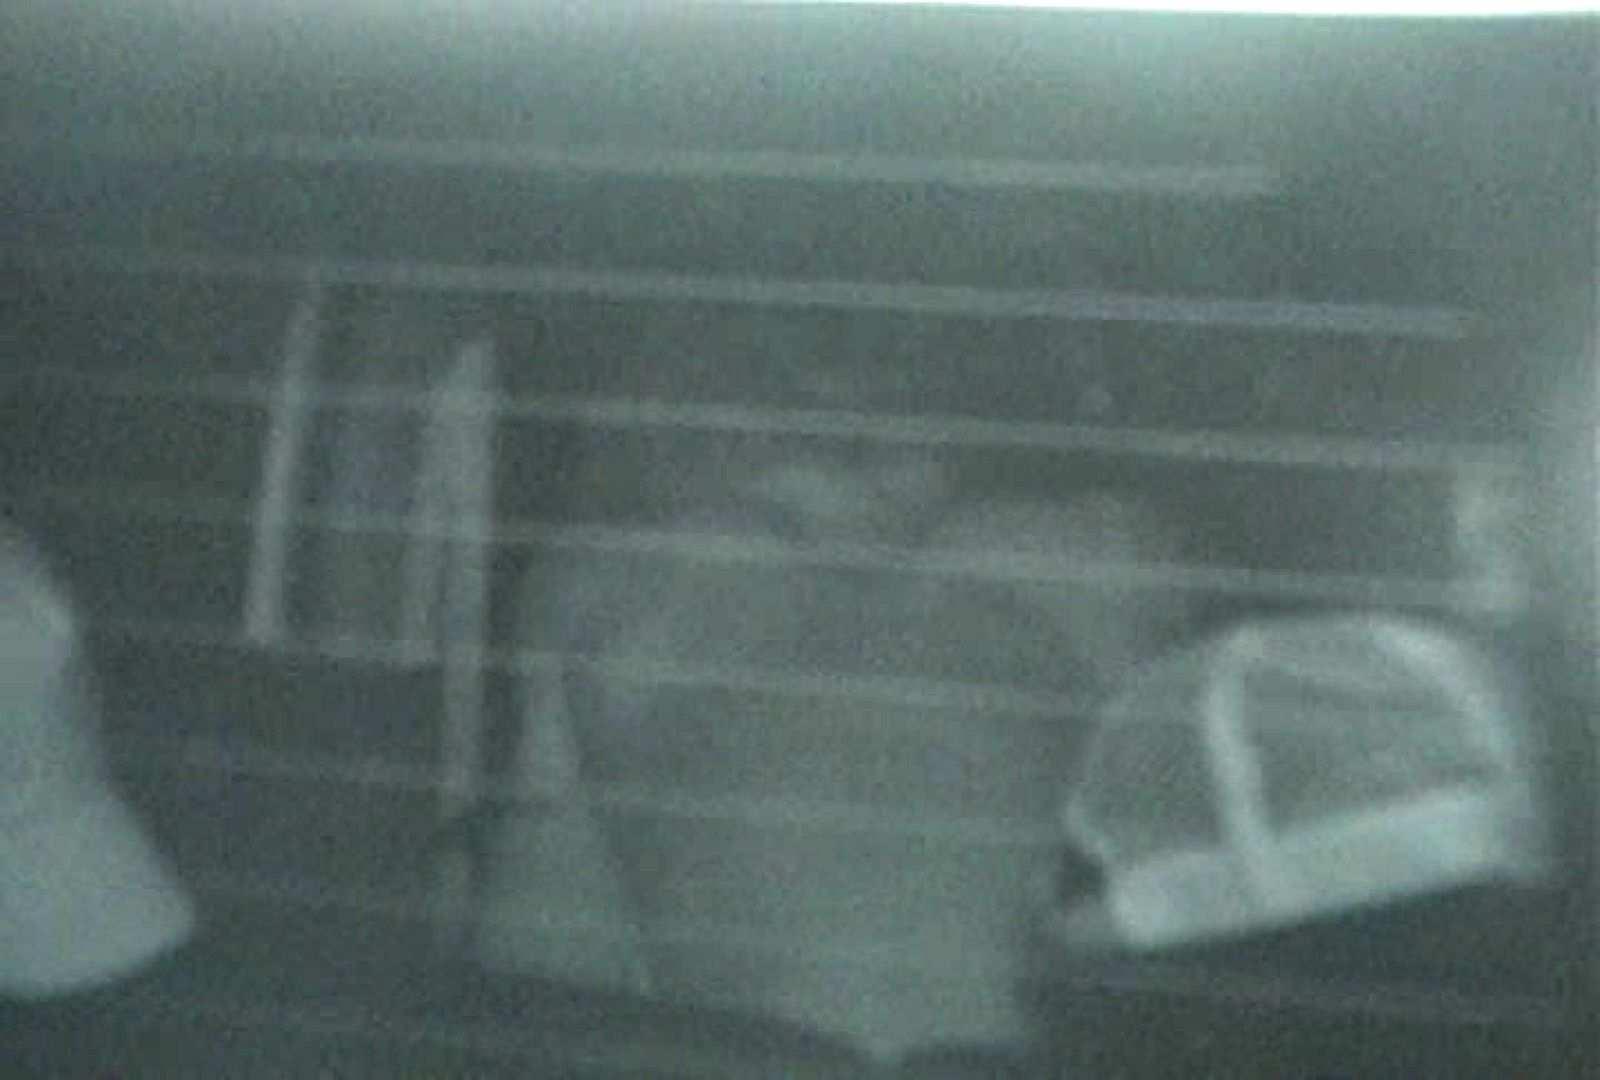 充血監督の深夜の運動会Vol.42 ギャルのエロ動画  55画像 20